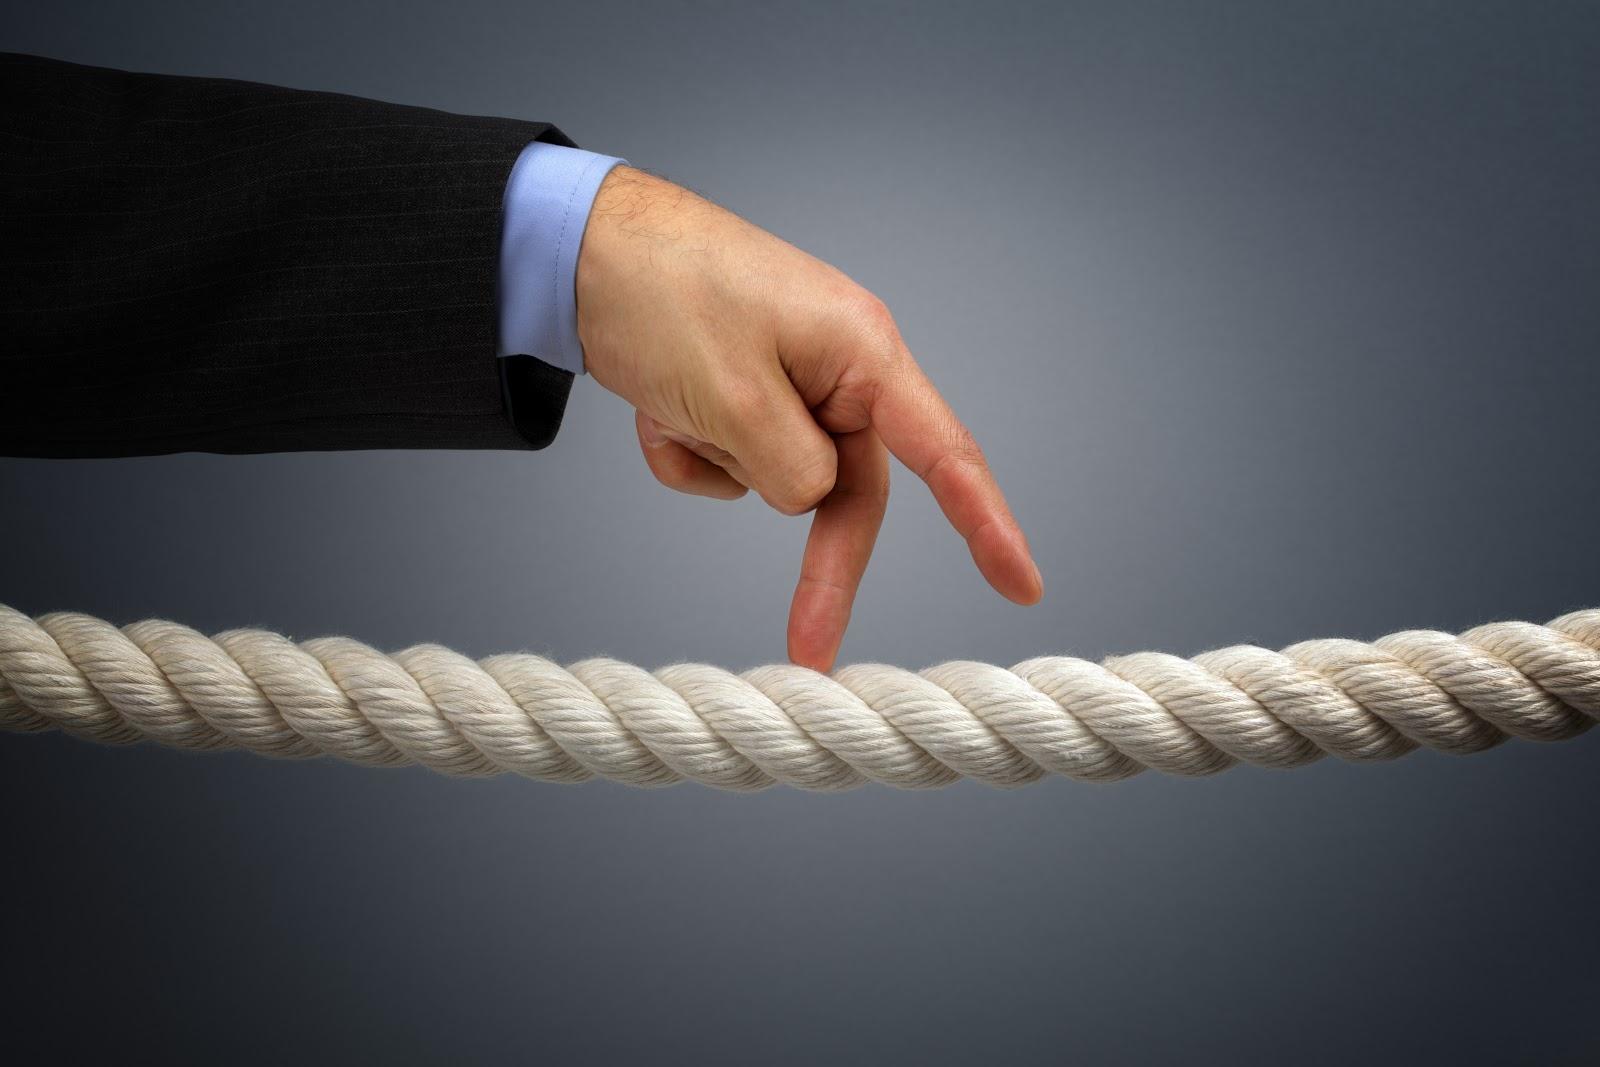 Fingers walking across a tightrope